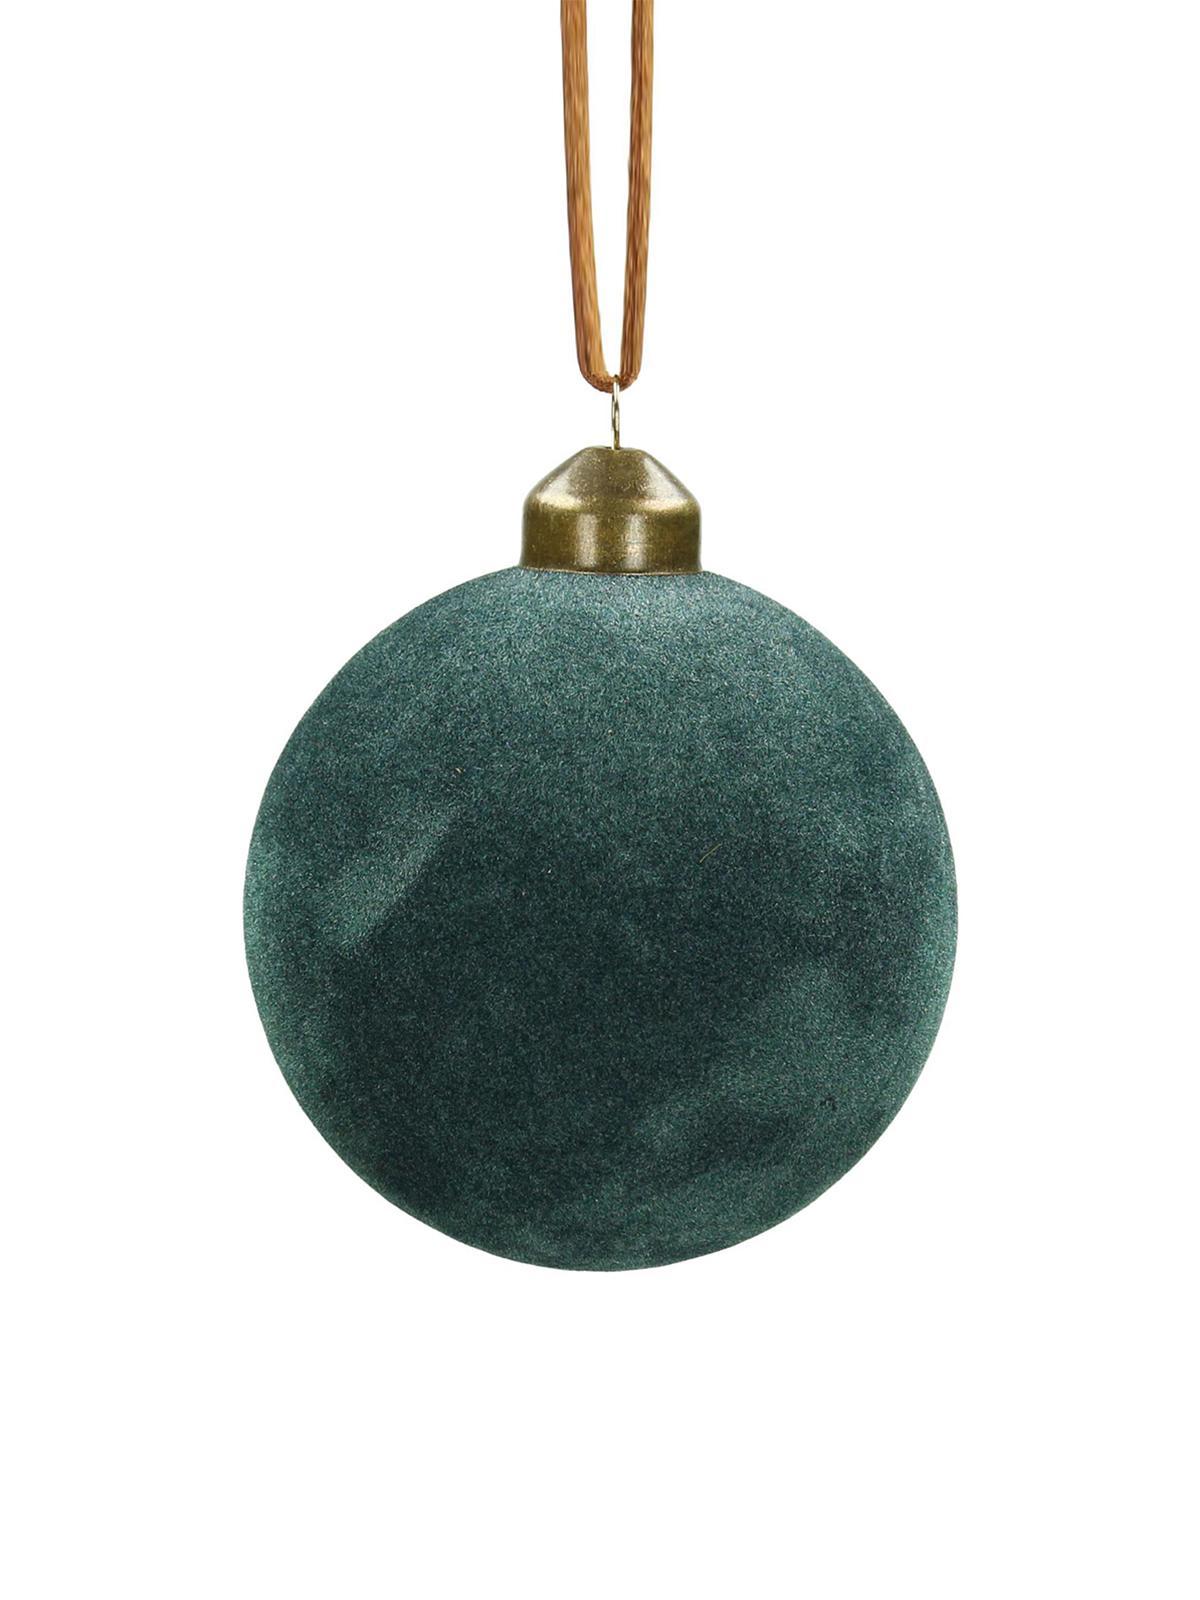 Palla di Natale Velvet Ø 8 cm, 4 pz, Vetro, velluto di poliestere, Blu verde, Ø 8 cm